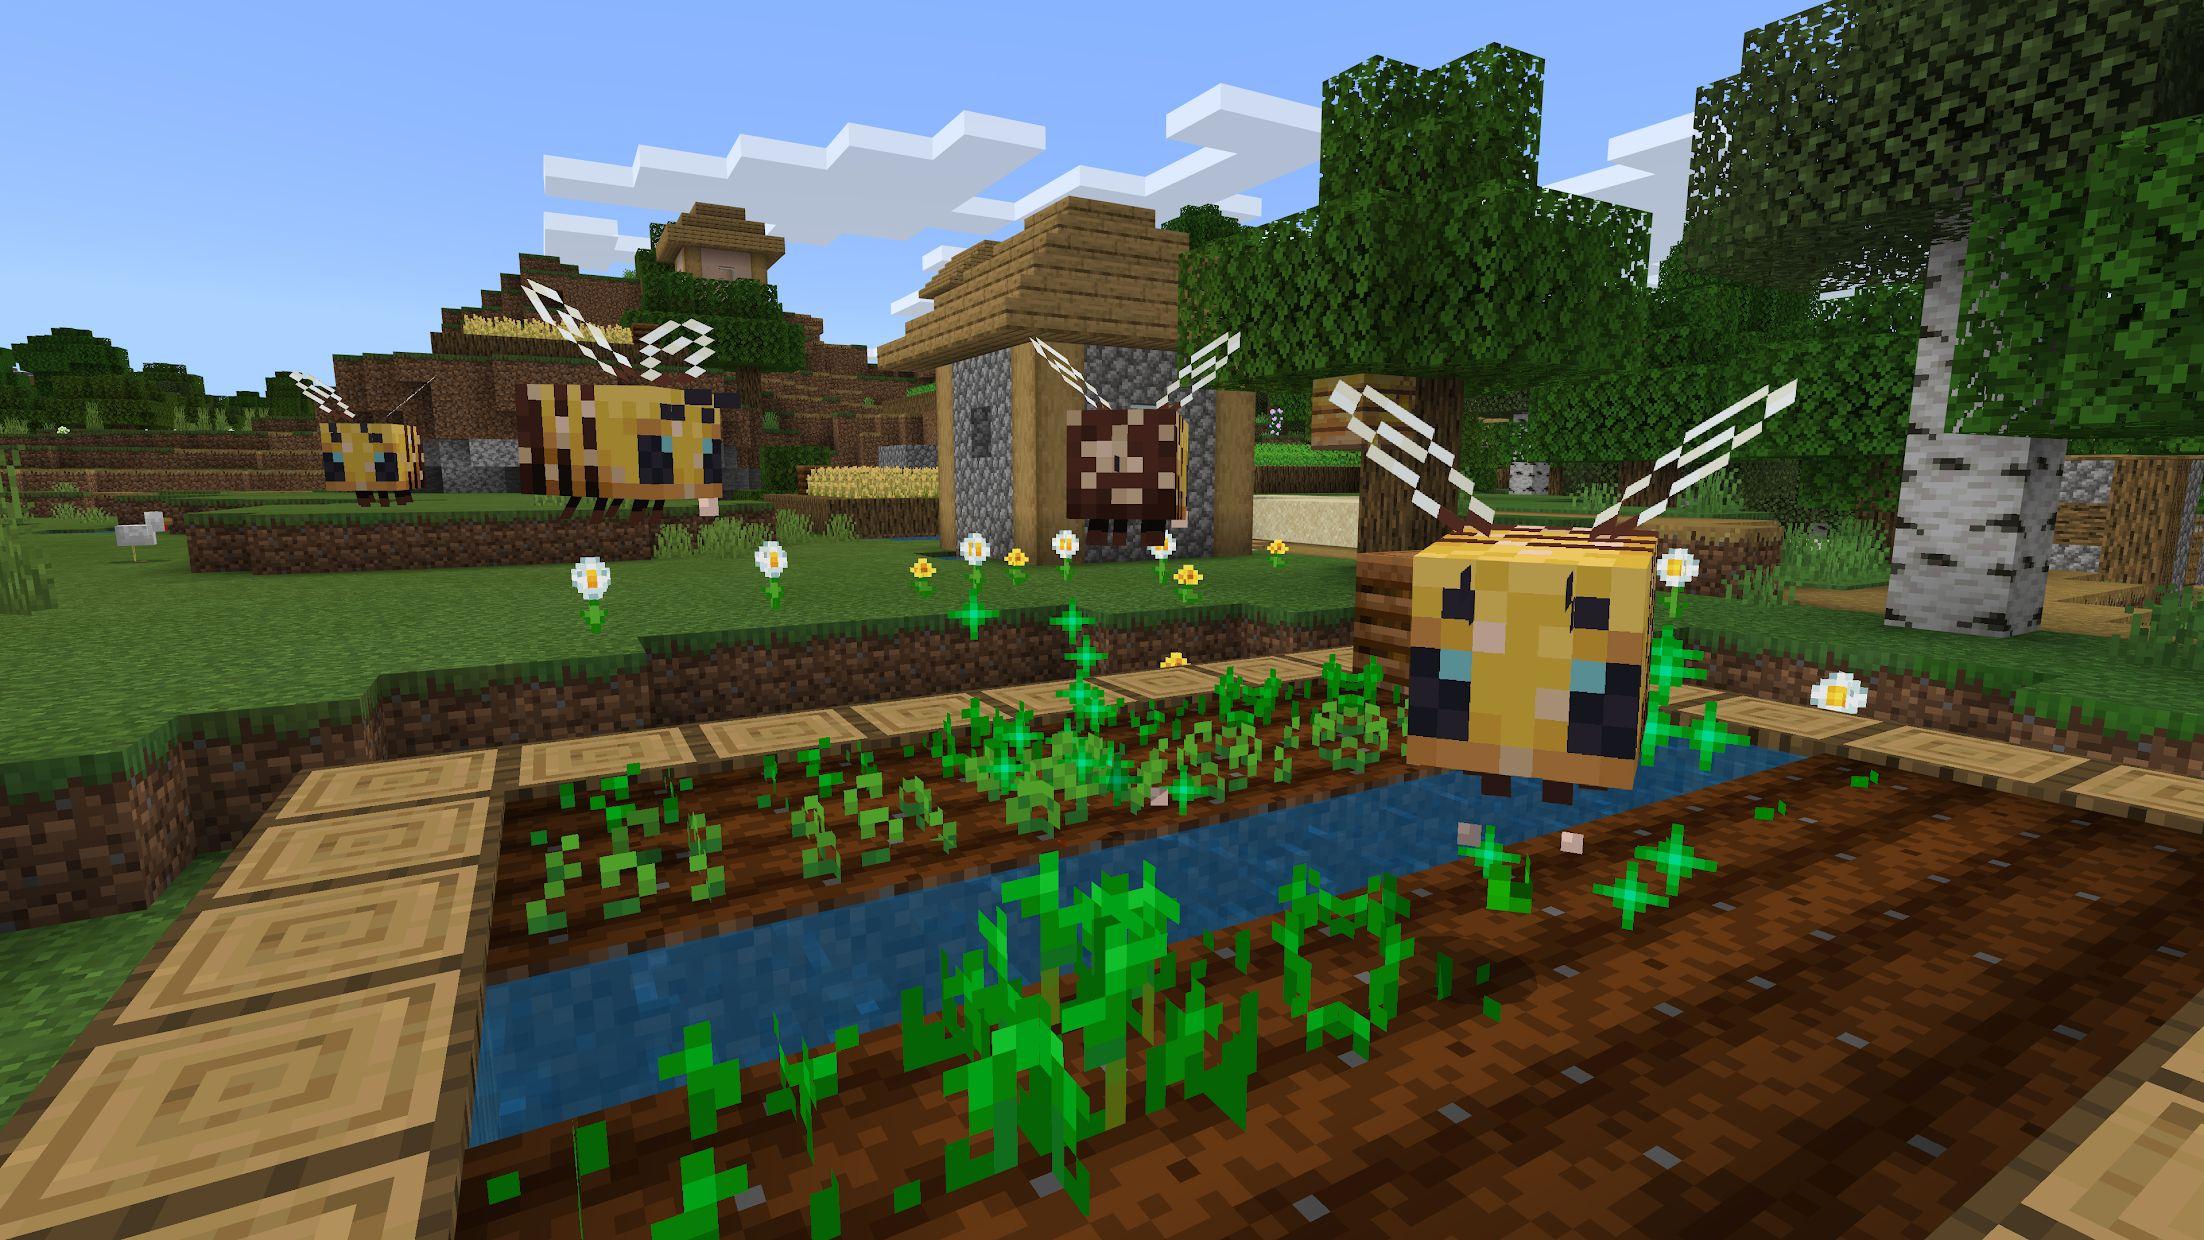 我的世界(Minecraft) 游戏截图1